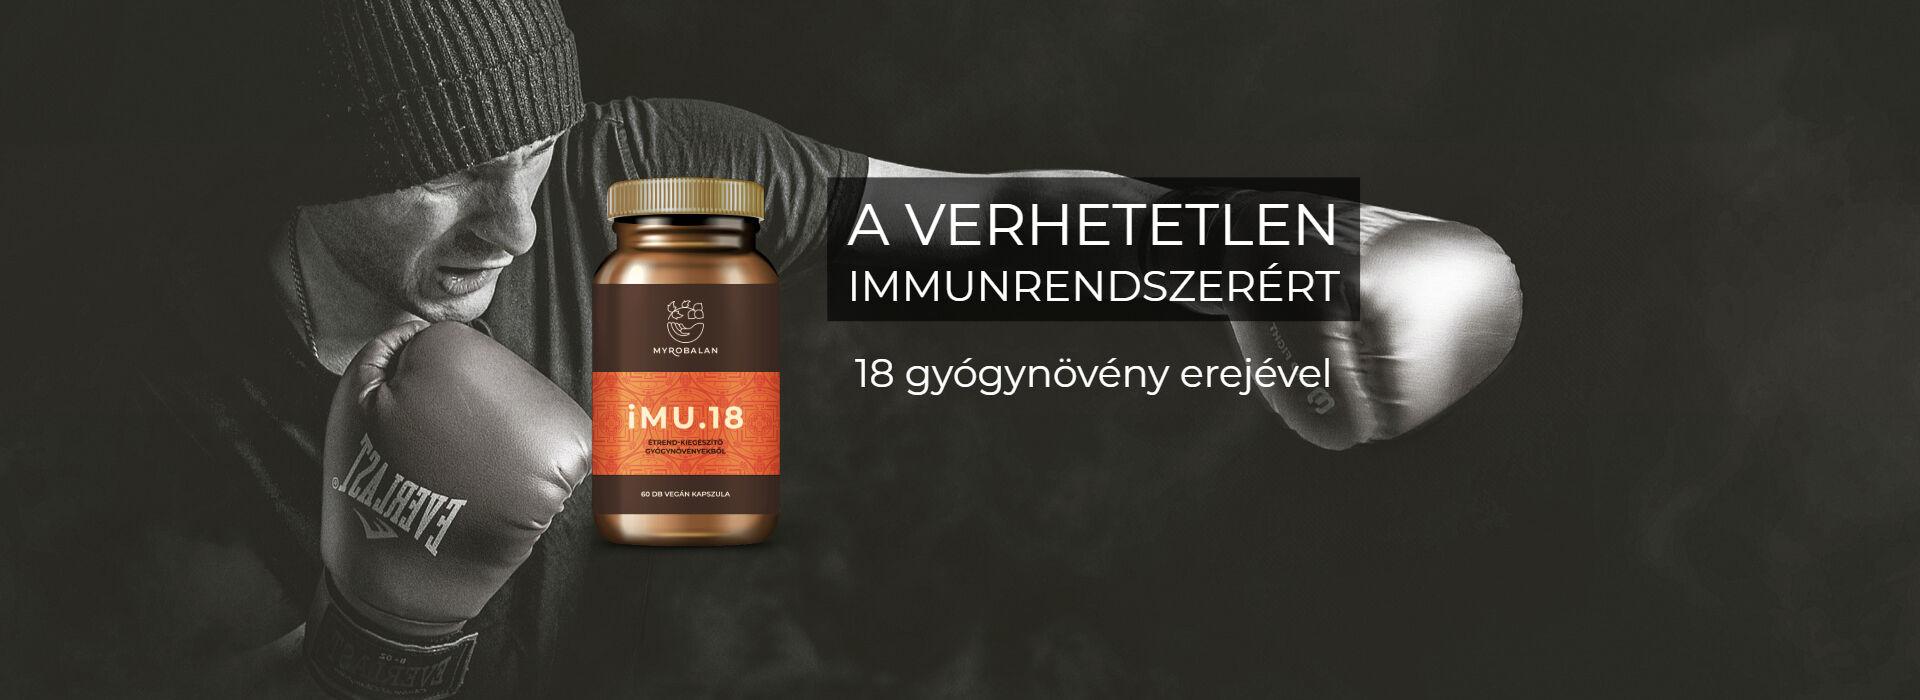 iMU.18